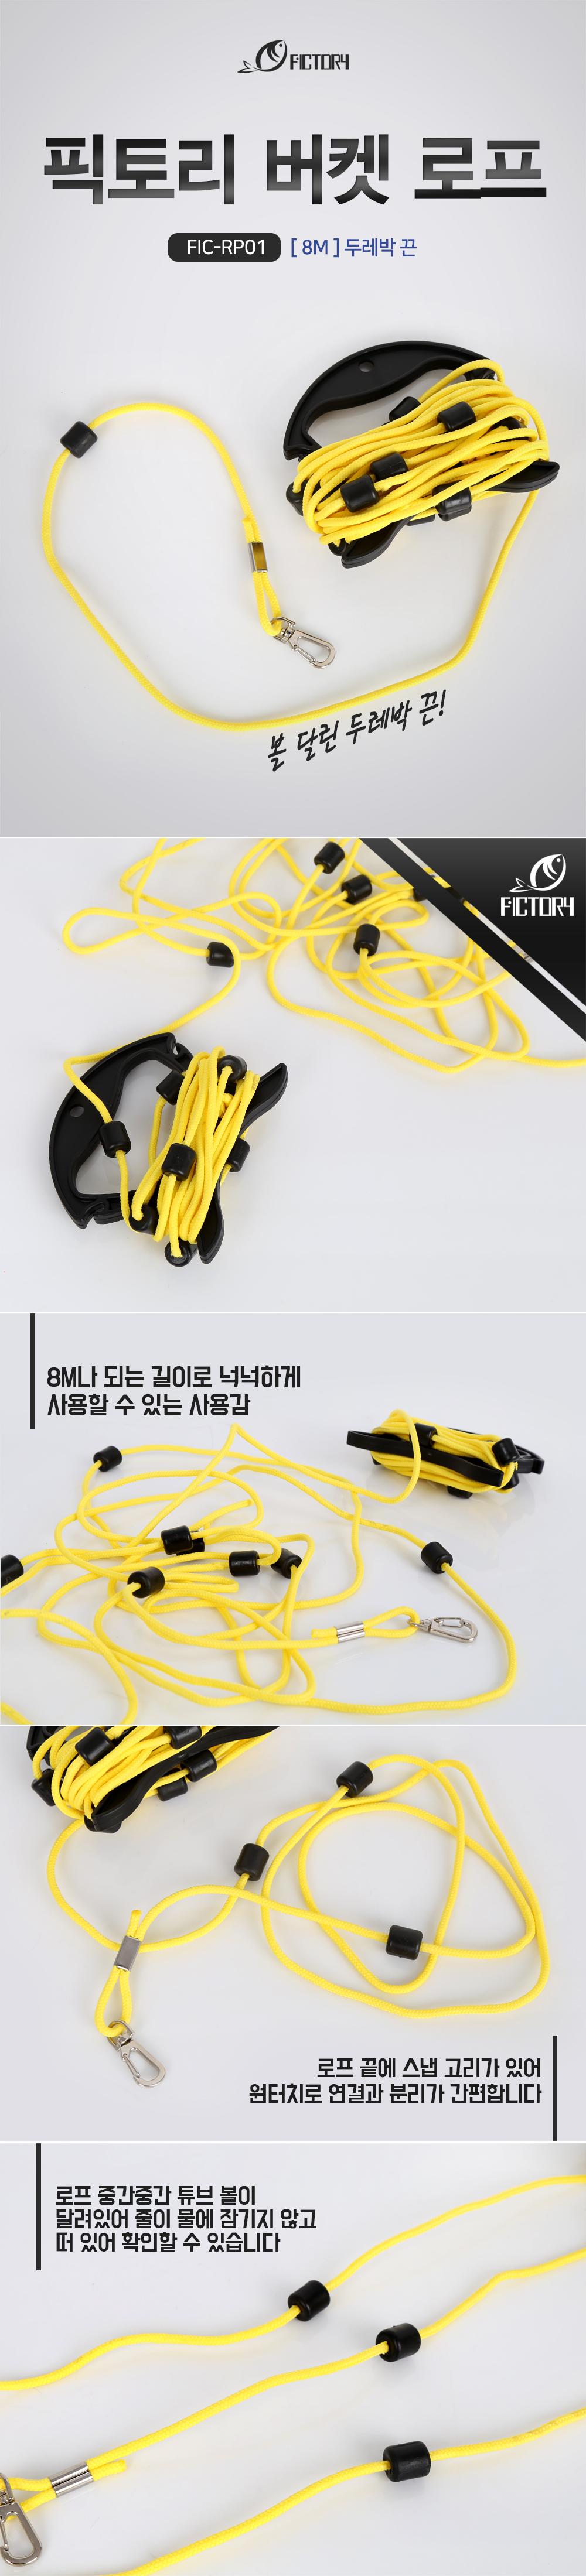 픽토리 버켓 로프 (두레박끈) 8미터 FIC-RP01 두레박끈 로프 손잡이로프 두레박손잡이 다용도로프 뚜레박로프 다용도끈